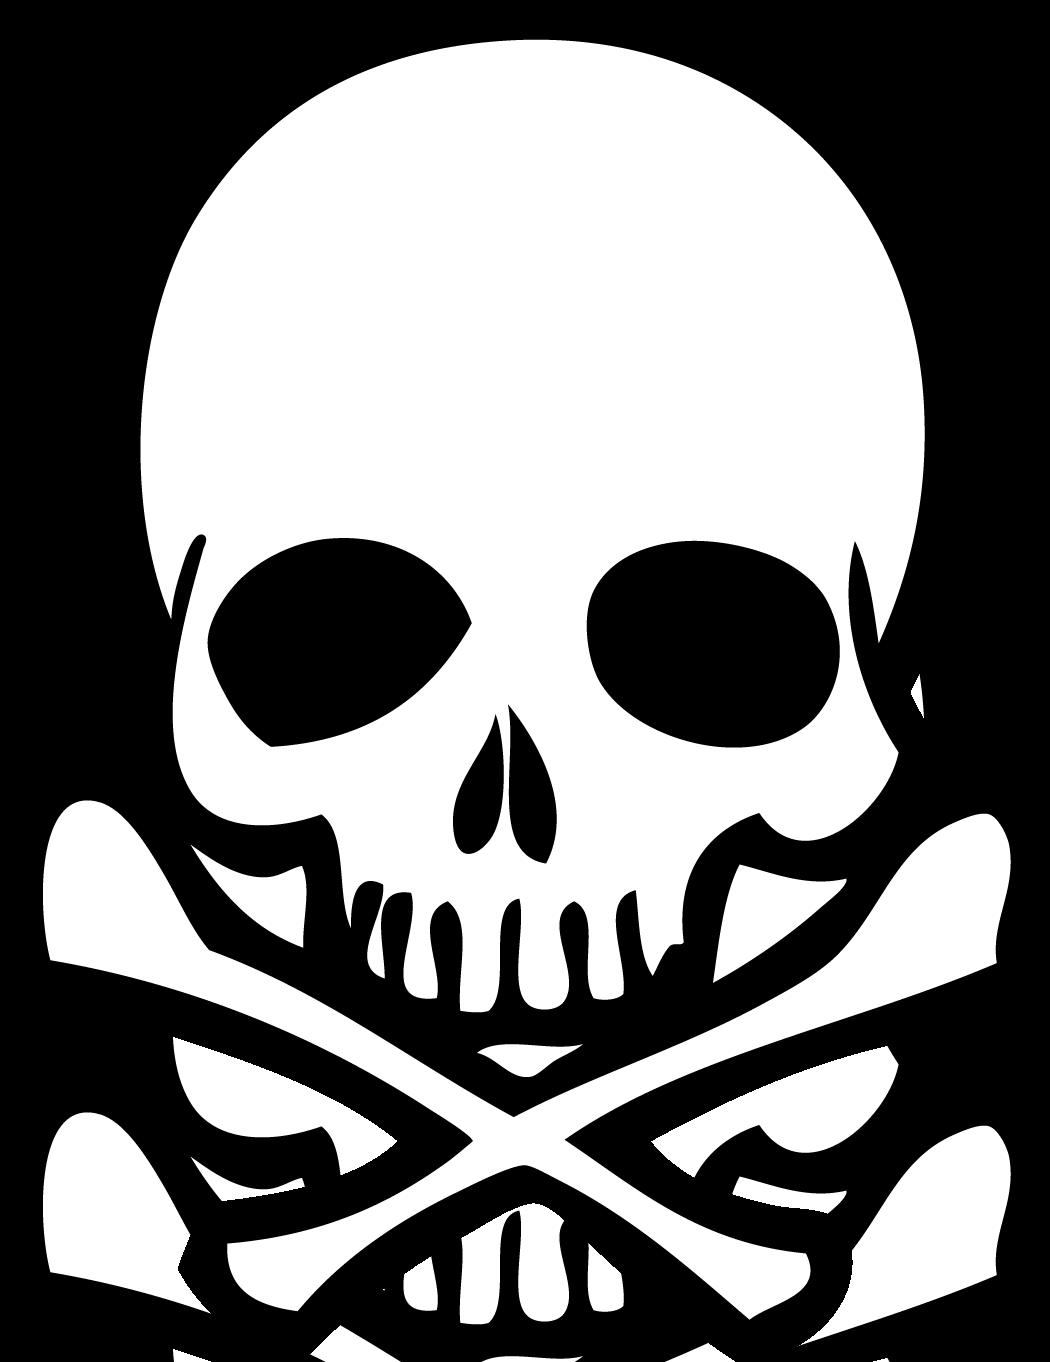 Skulls And Bones Clipart - ClipartFox ..-Skulls and bones clipart - ClipartFox ...-15